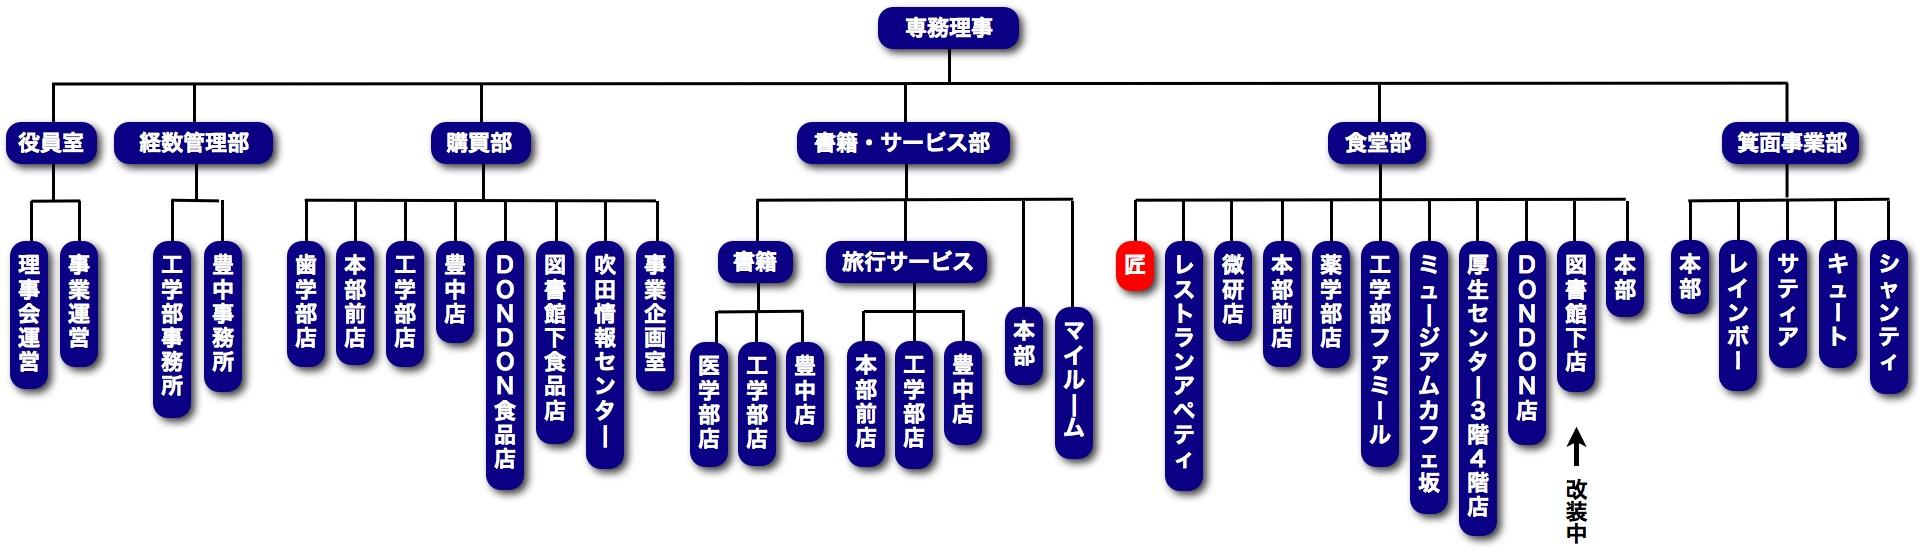 大学 生協 大阪